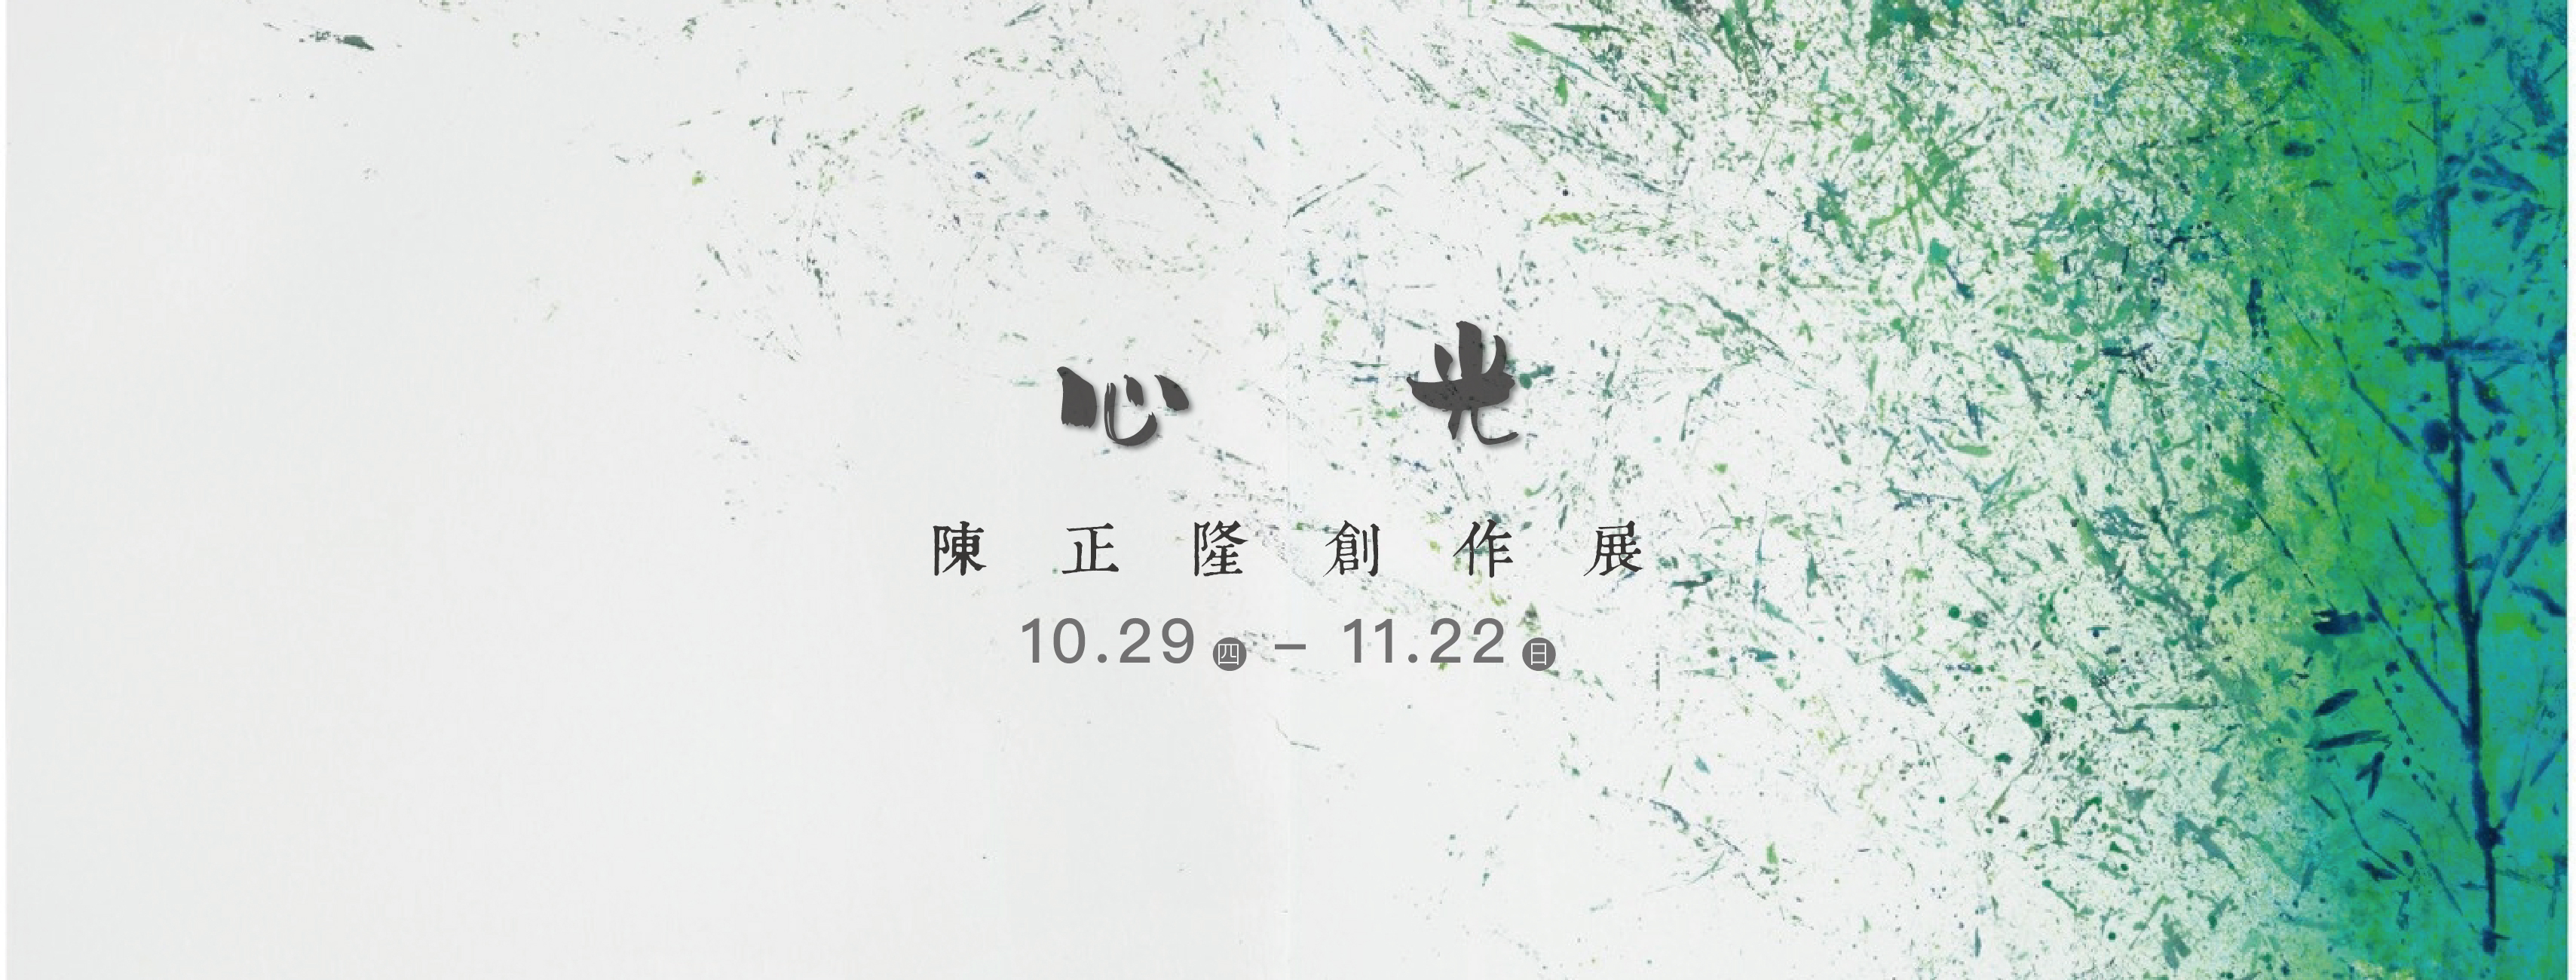 【傳習藝展】心光  陳正隆創作展